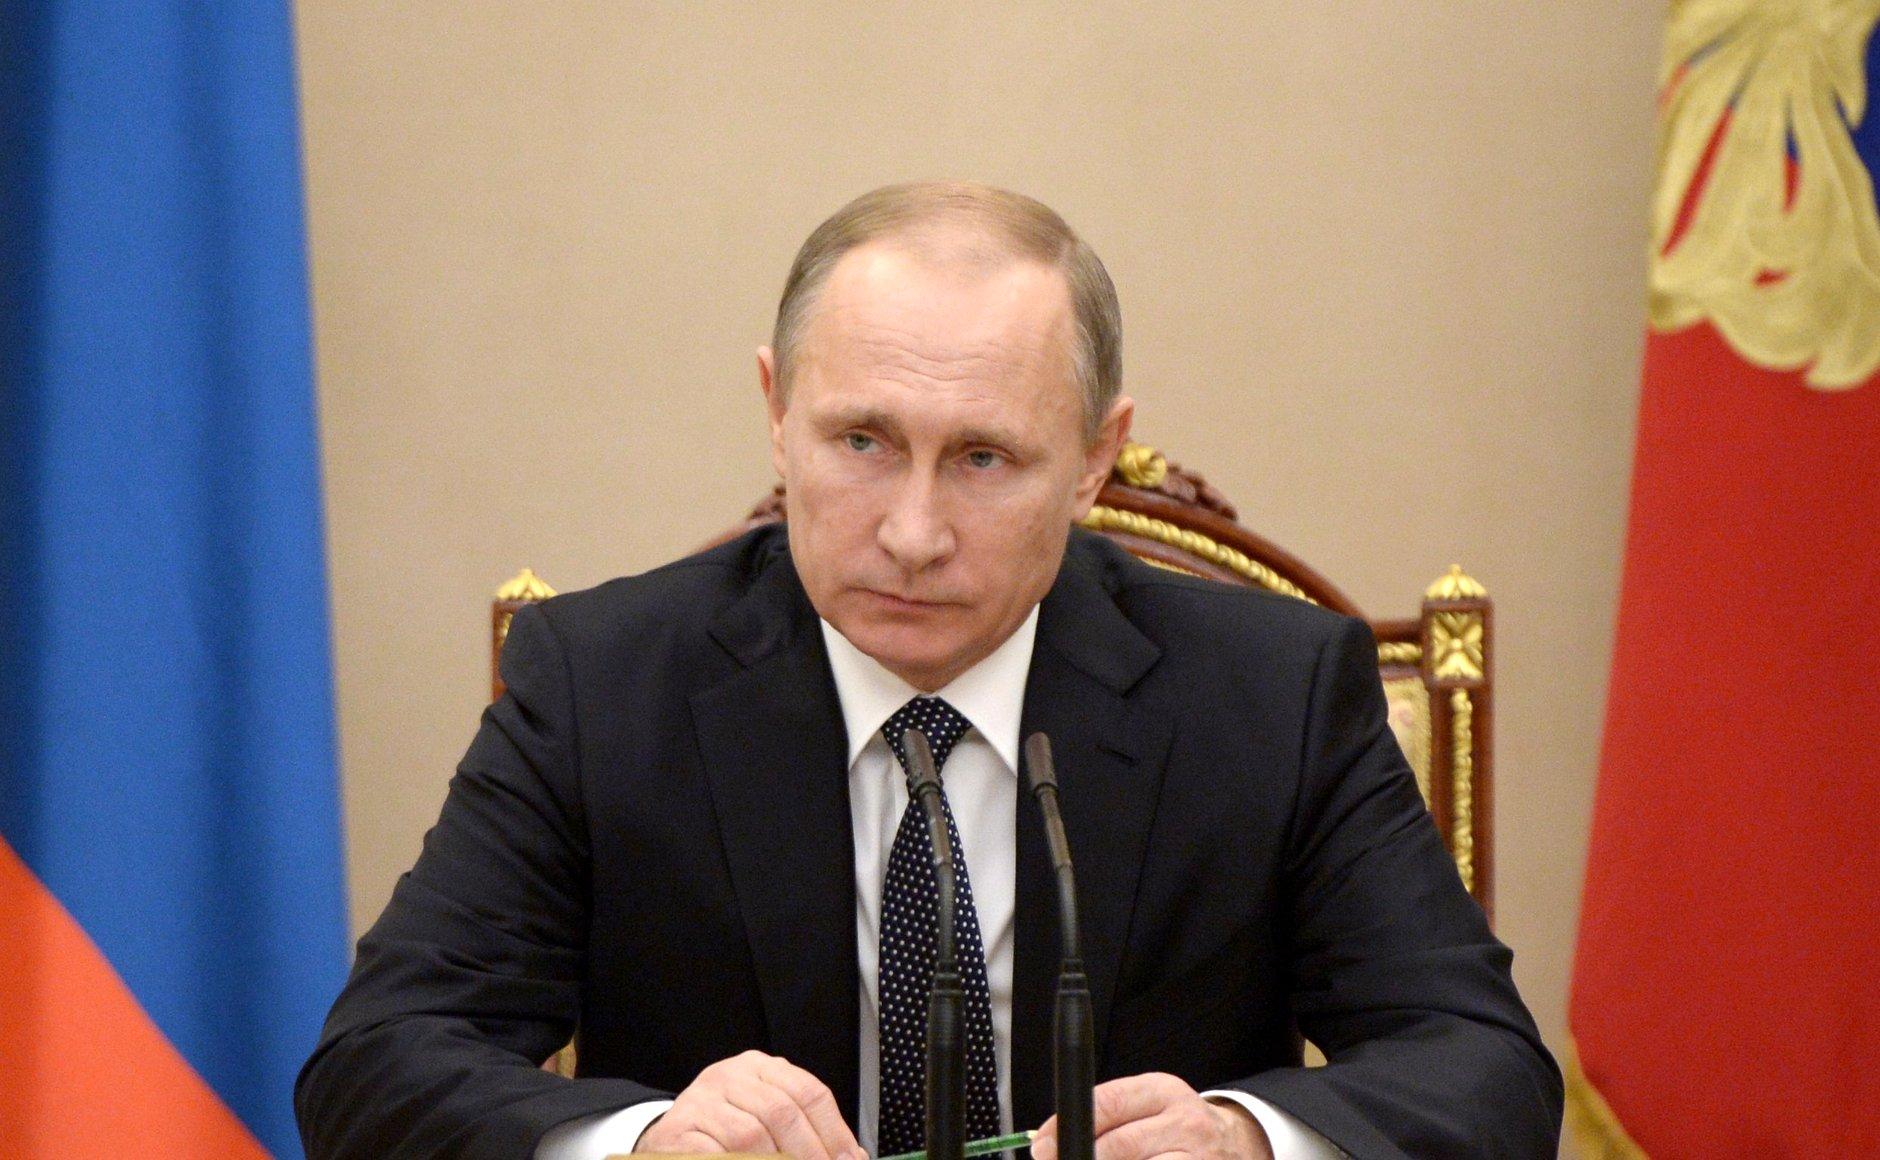 Путин поручил ввести в Российской Федерации курортный сбор